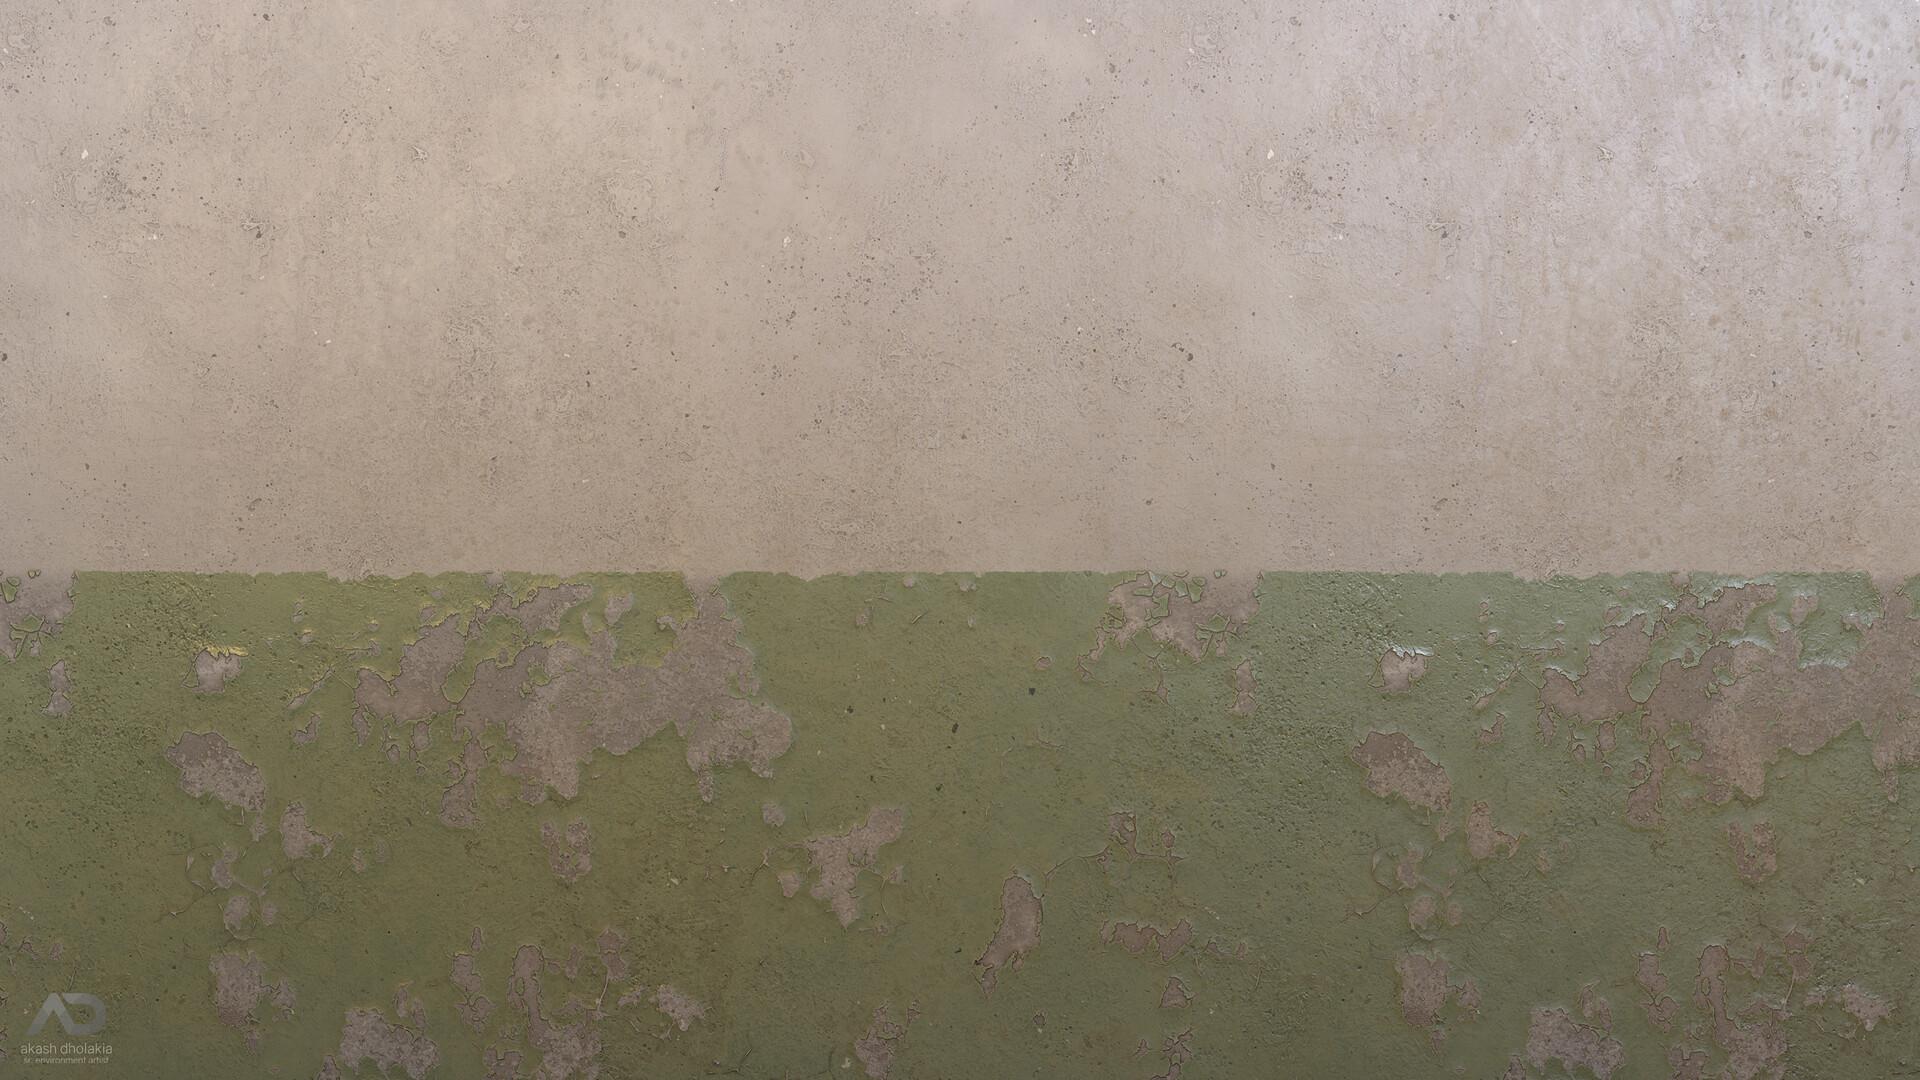 Akash dholakia soviet wall 01